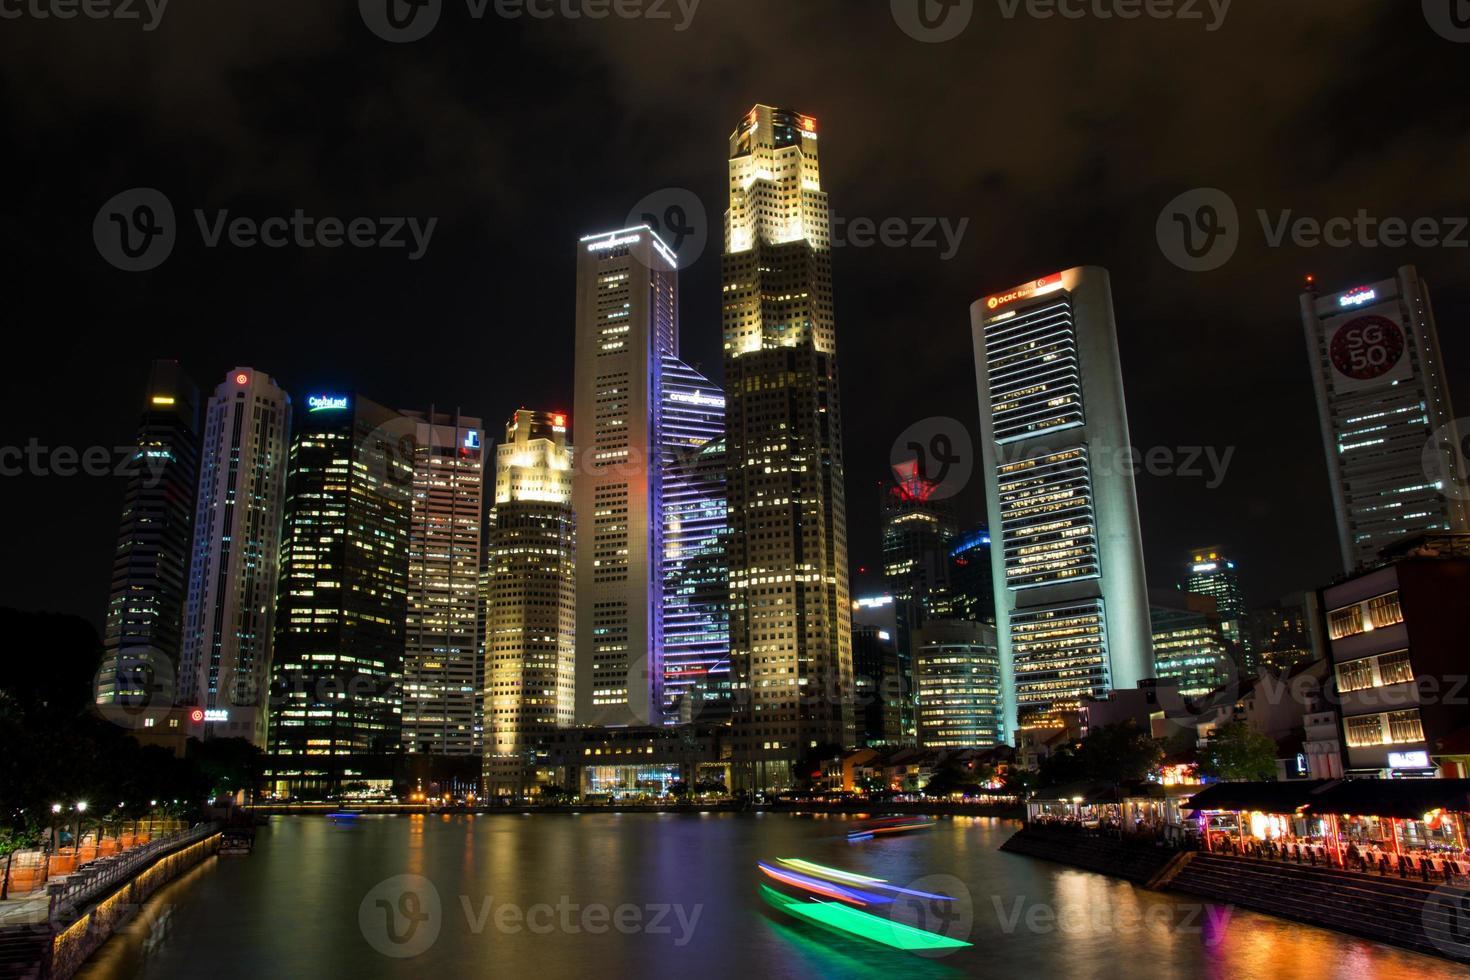 quartier financier avec baot sur la rivière singapour photo